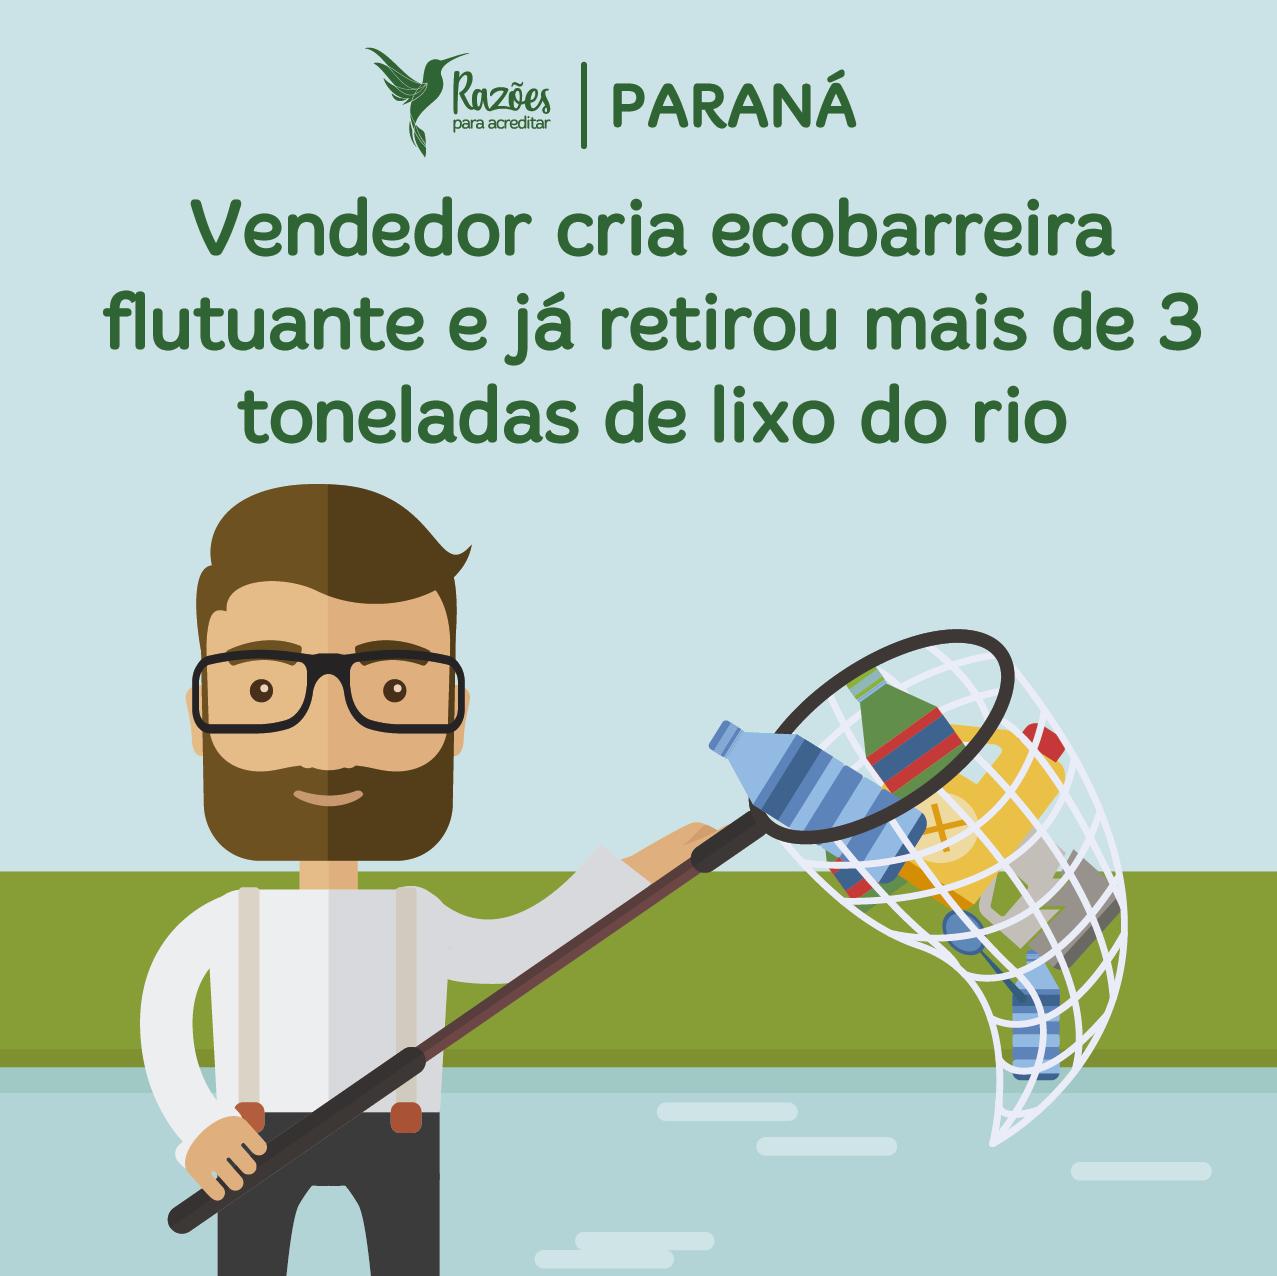 boas notícias ilustrações razões para acreditar - Paraná